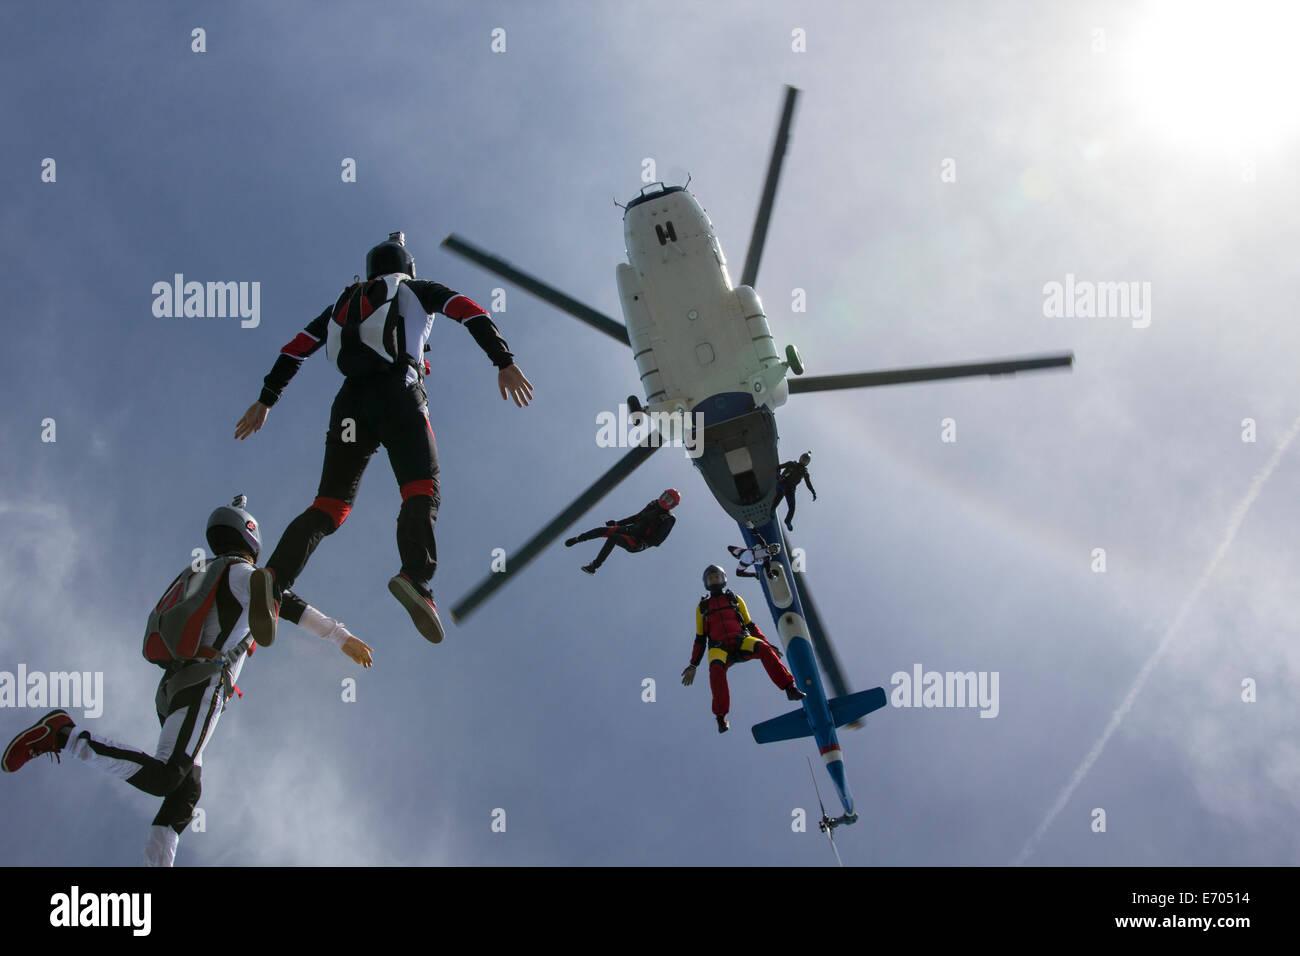 Niedrigen Winkel Ansicht des Hubschraubers und sechs Fallschirmspringer frei fallend, Siofok, Somogy, Ungarn Stockbild